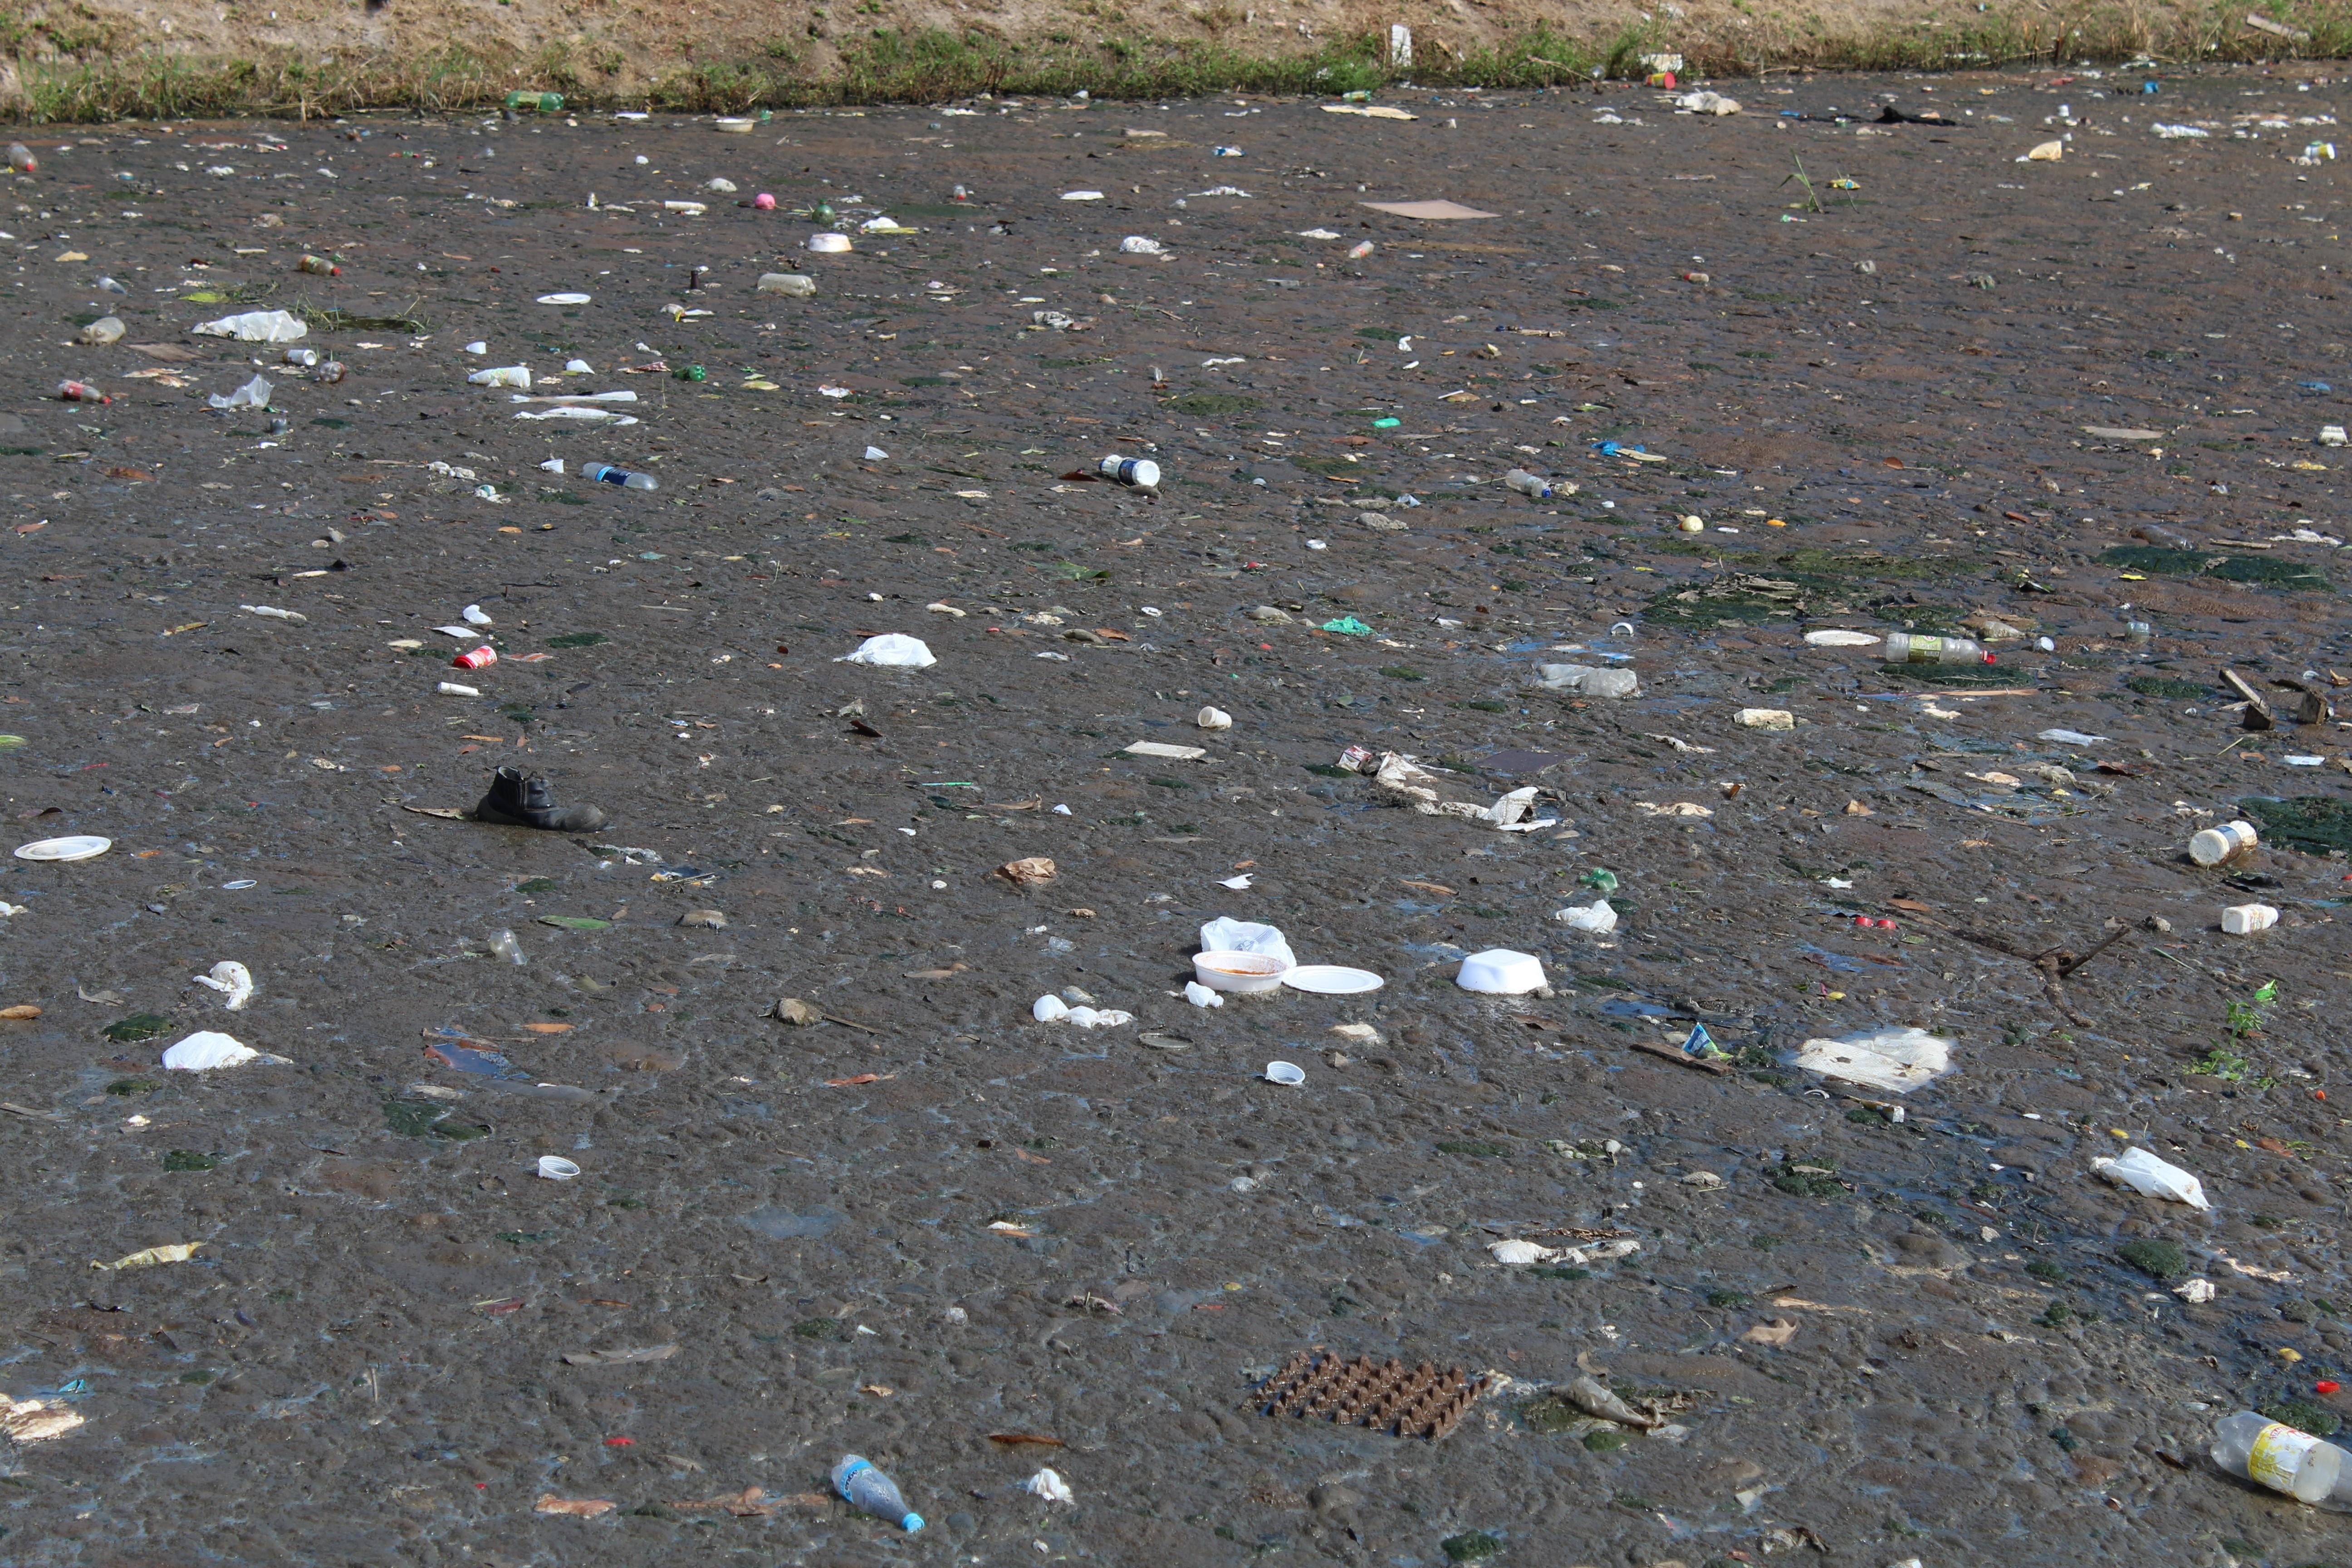 Estudantes aprendem a importância de manter igarapés limpos com o Projeto Ambiental do Ampa - Notícias - Plantão Diário